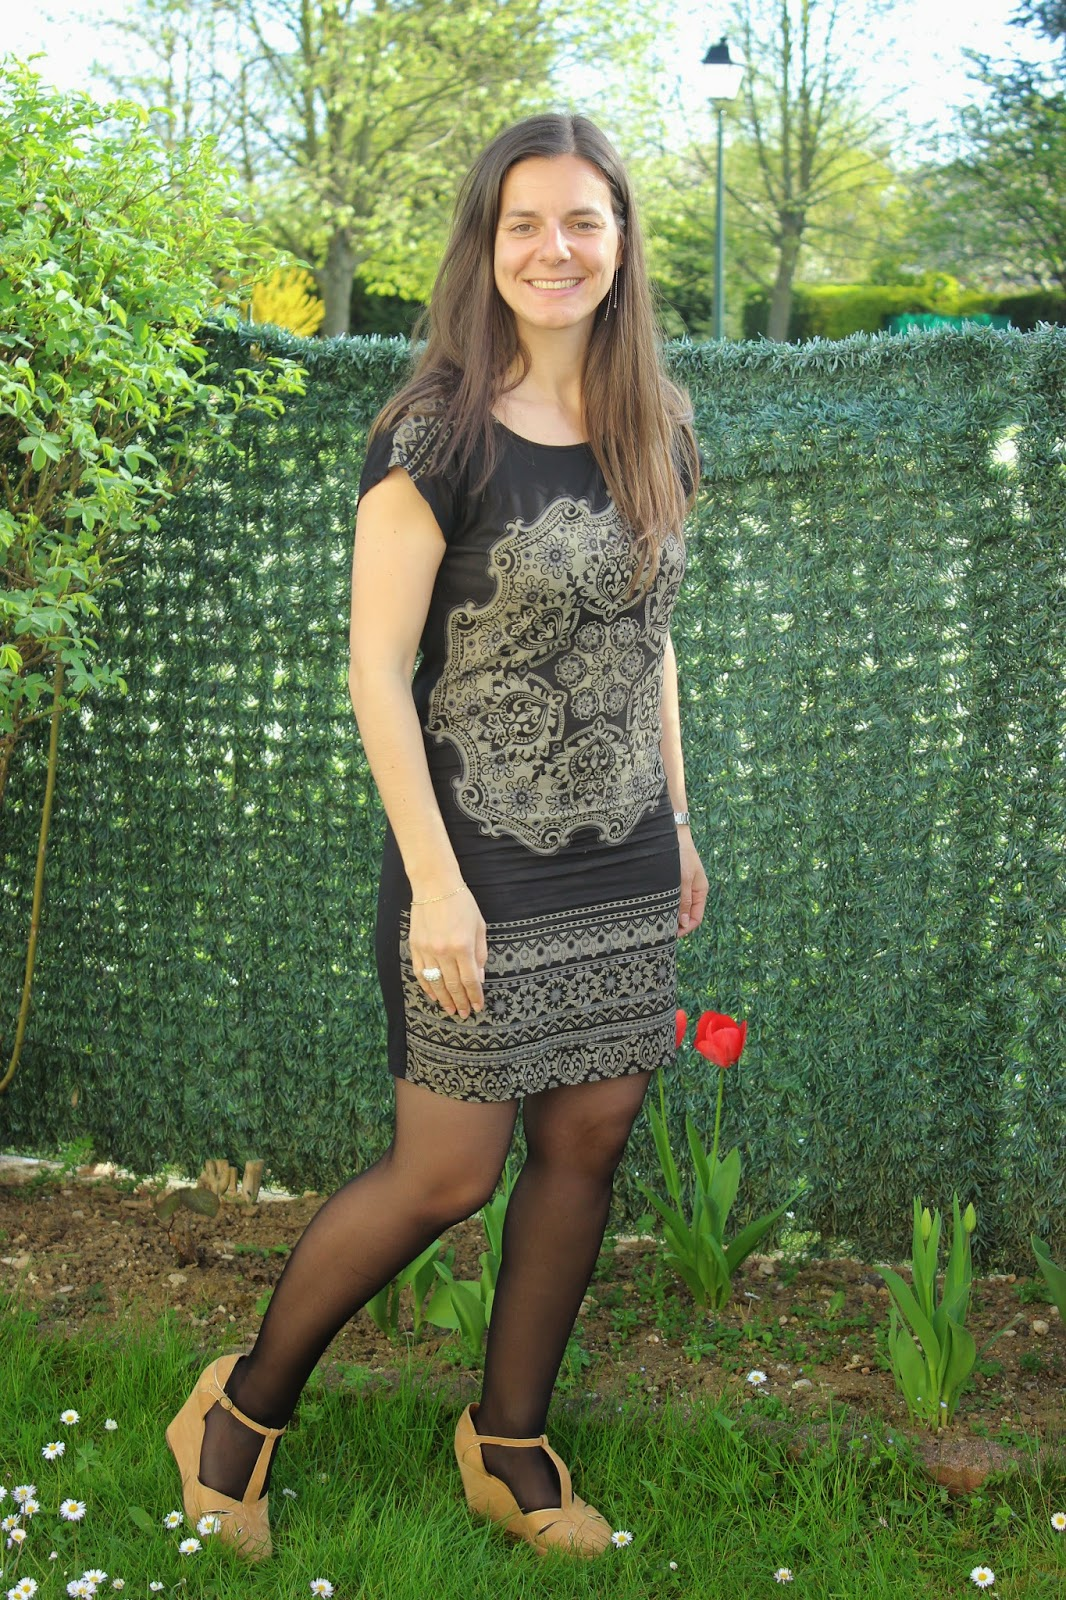 robe noire baroque naf naf, compensés comptoir des cotonniers